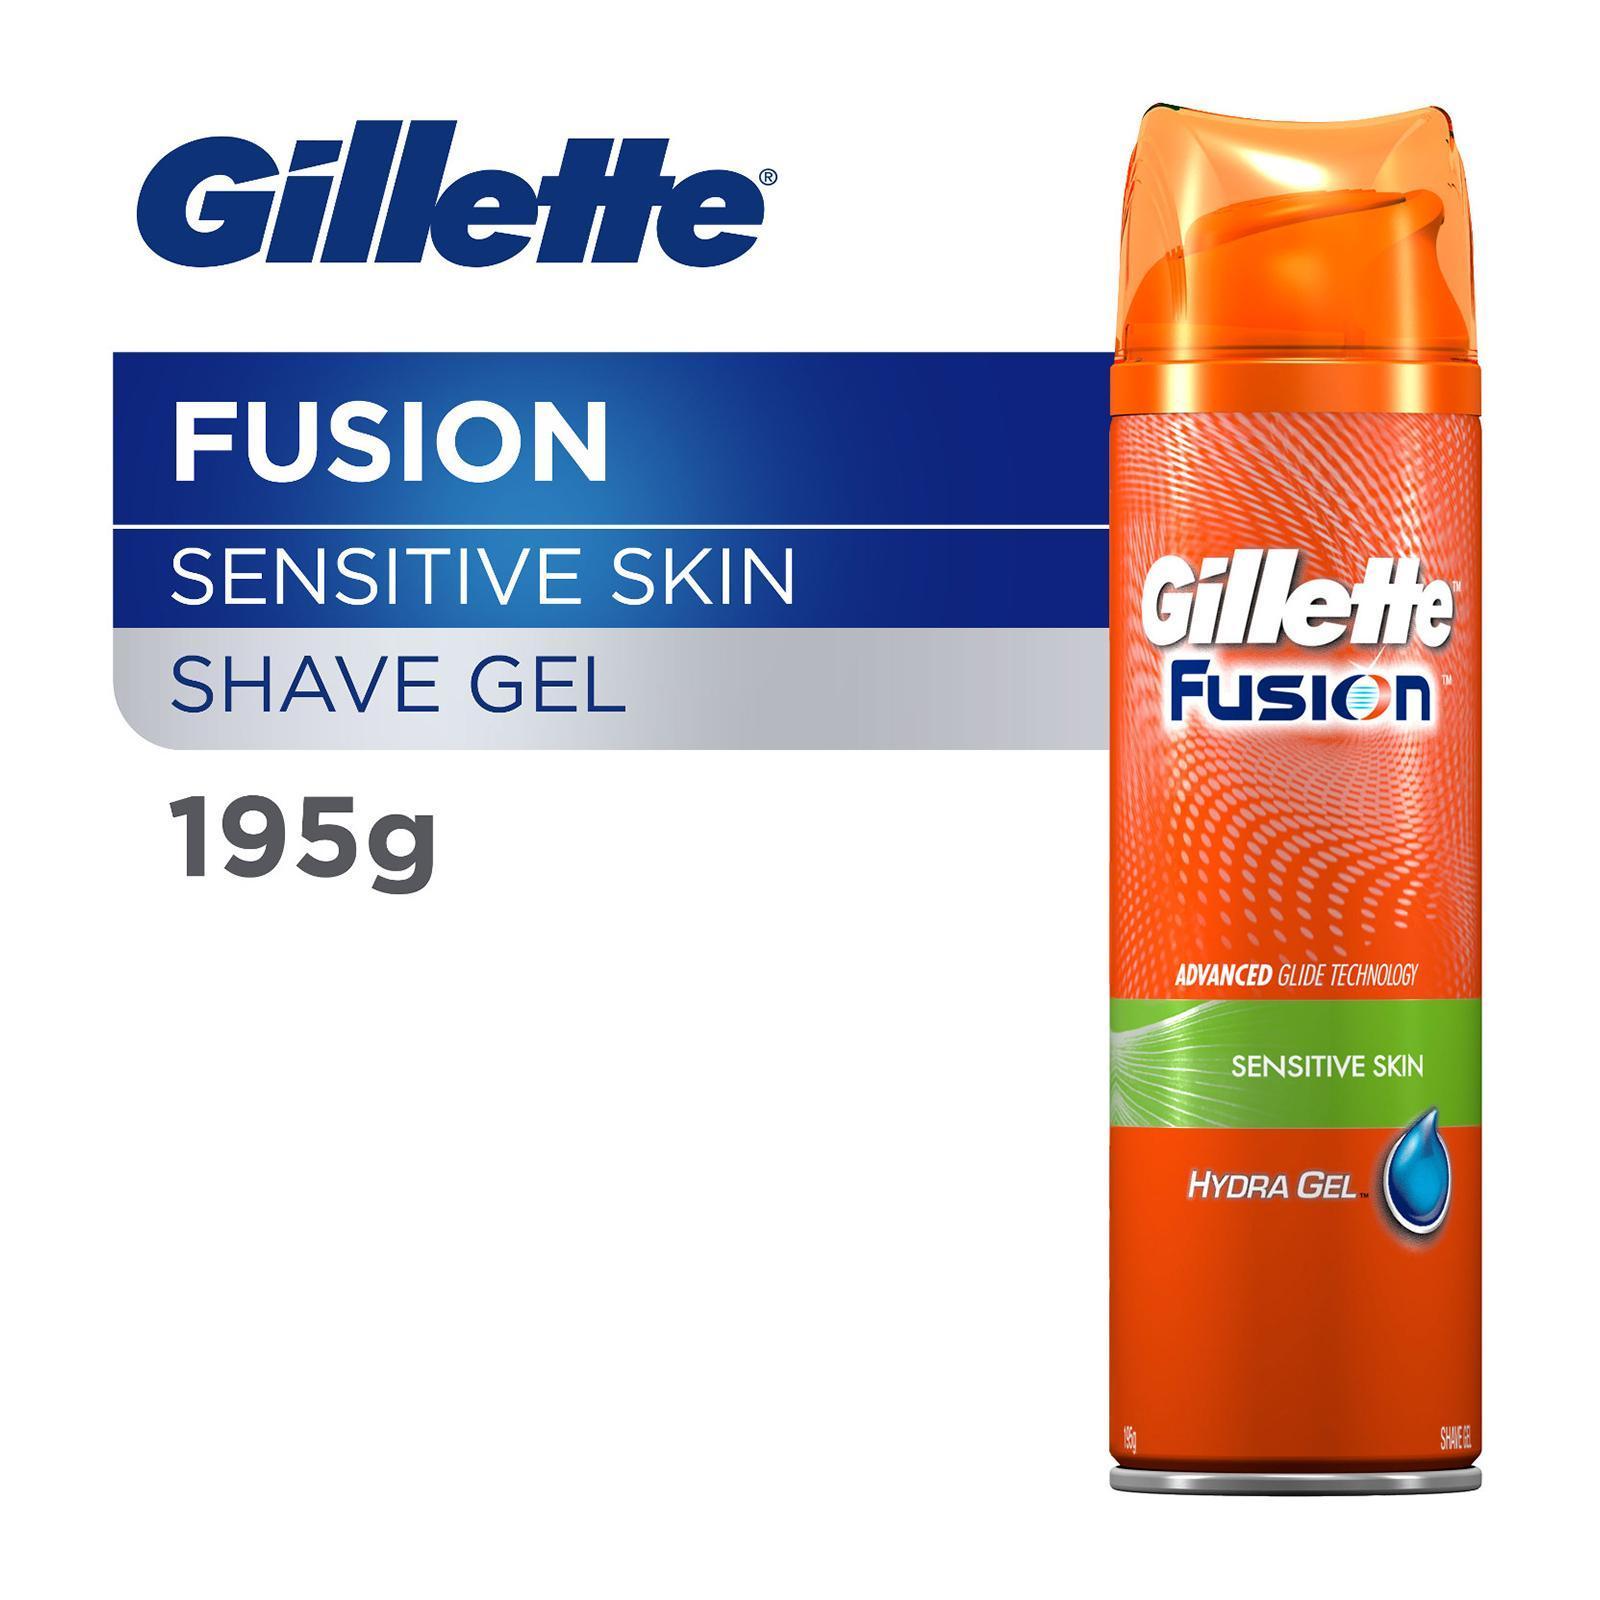 GILLETTE Fusion Hydra Gel Shave Prep (Sensitive Skin) 195g